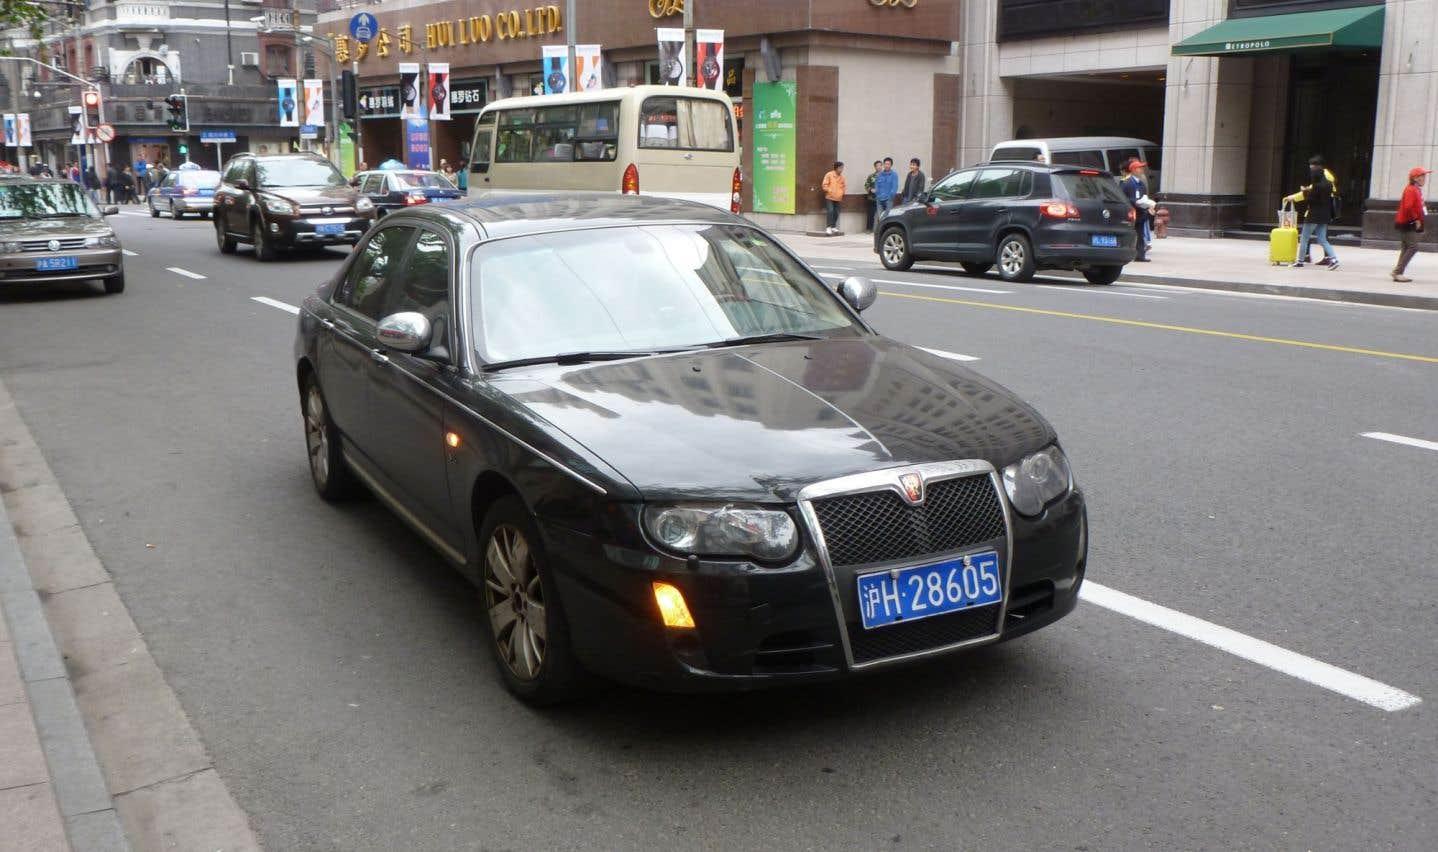 Roewe est l'une des marques de SAIC (Shanghai Automotive Industry Corporation), premier constructeur chinois. Les connaisseurs auront reconnu l'ancienne Rover 75.